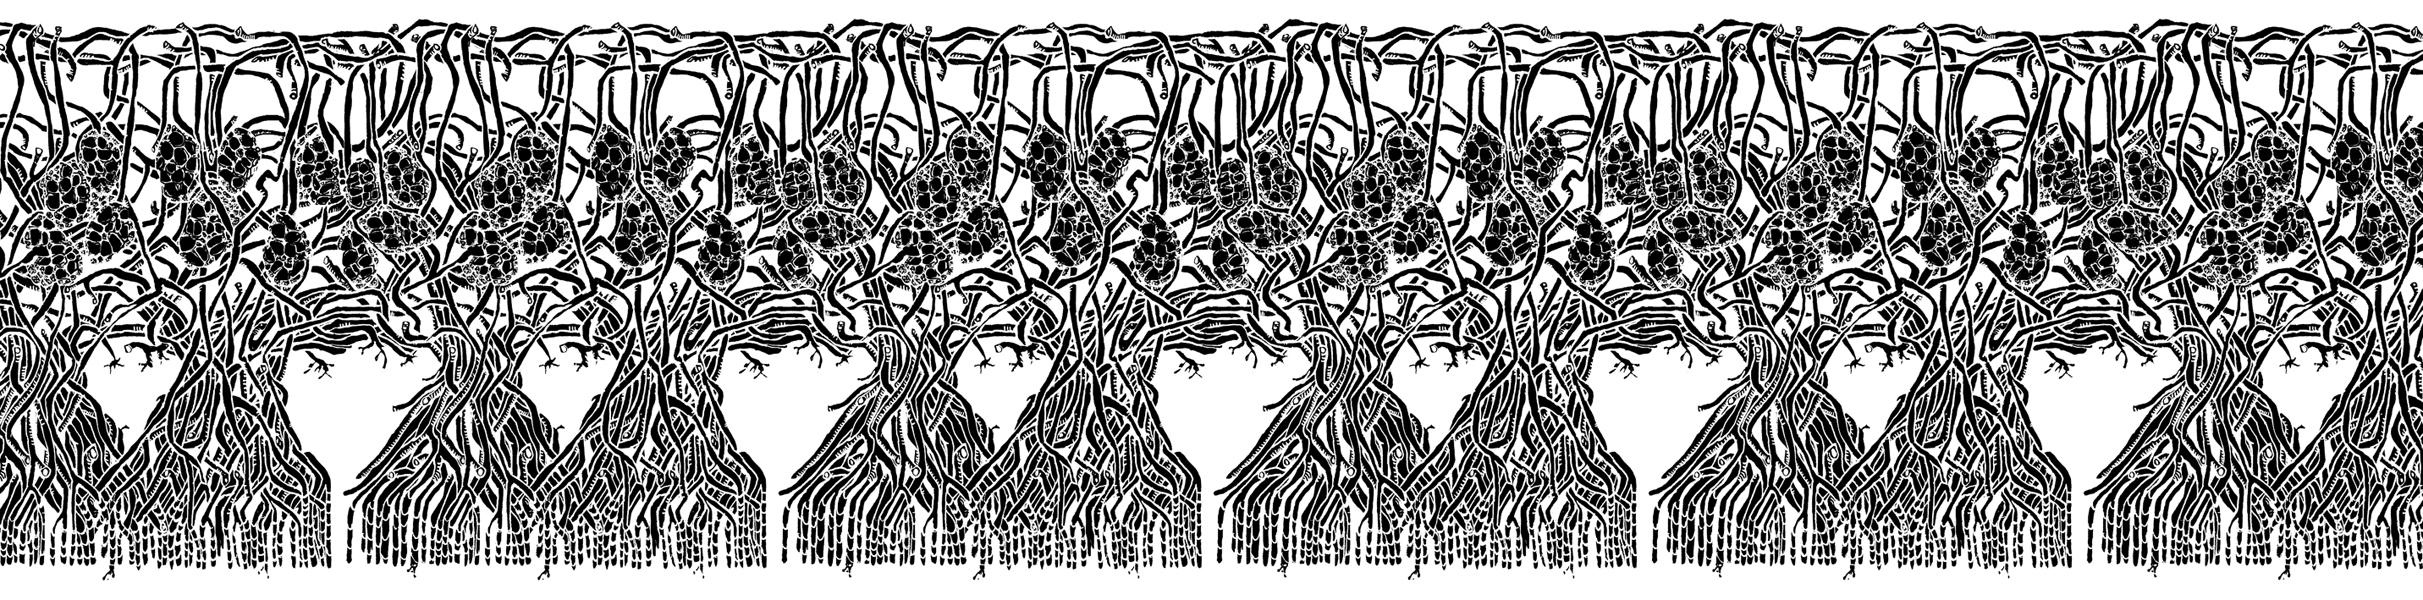 kimberly-clark-motif